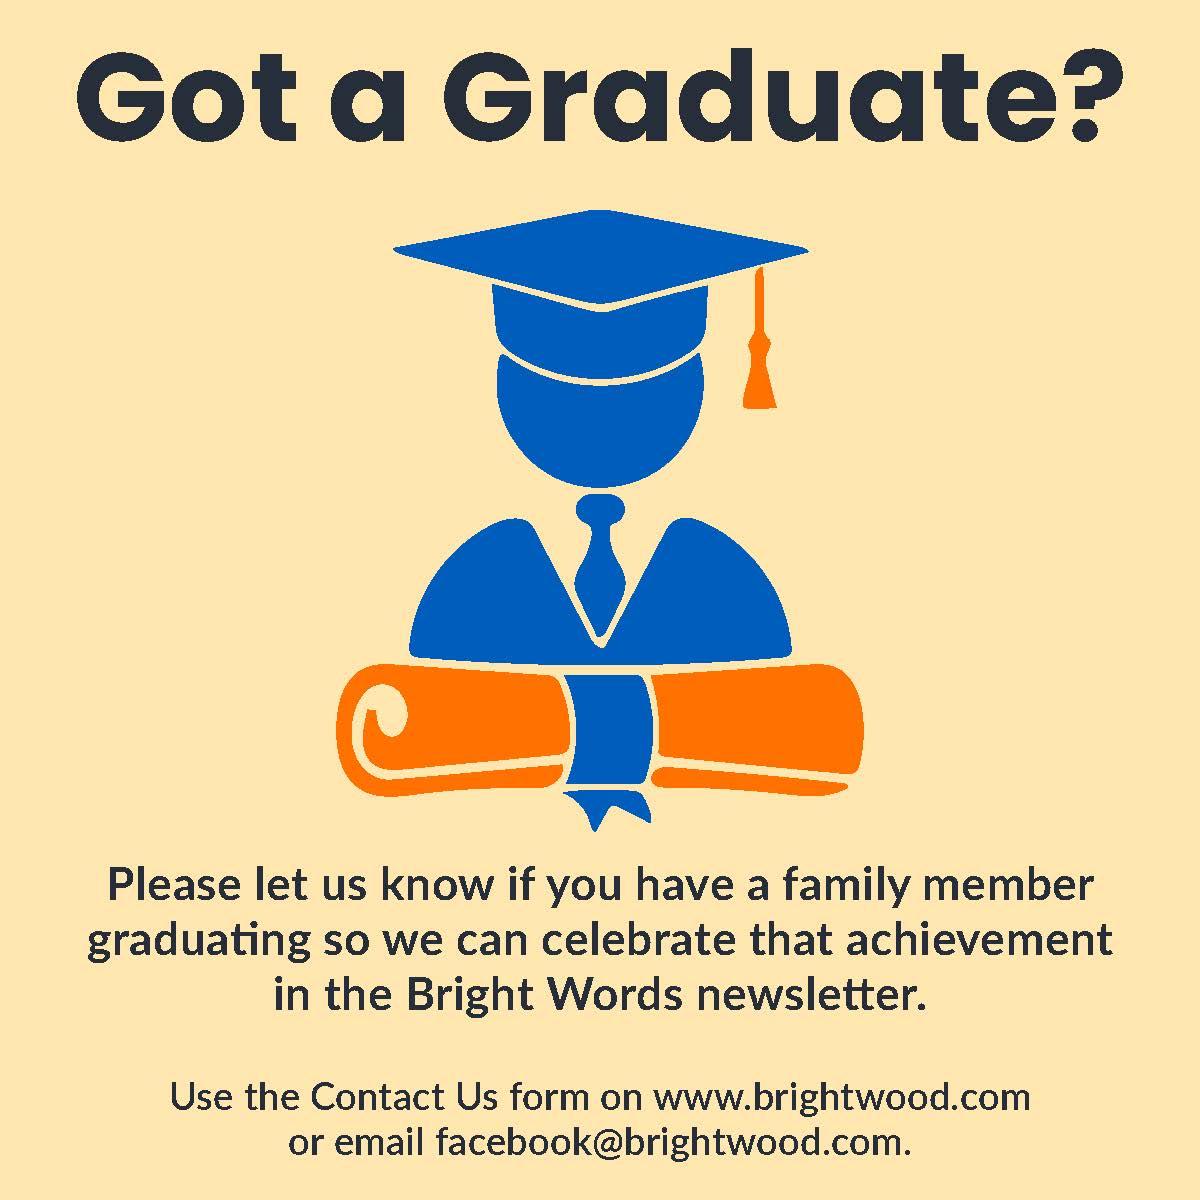 Got a graduate?